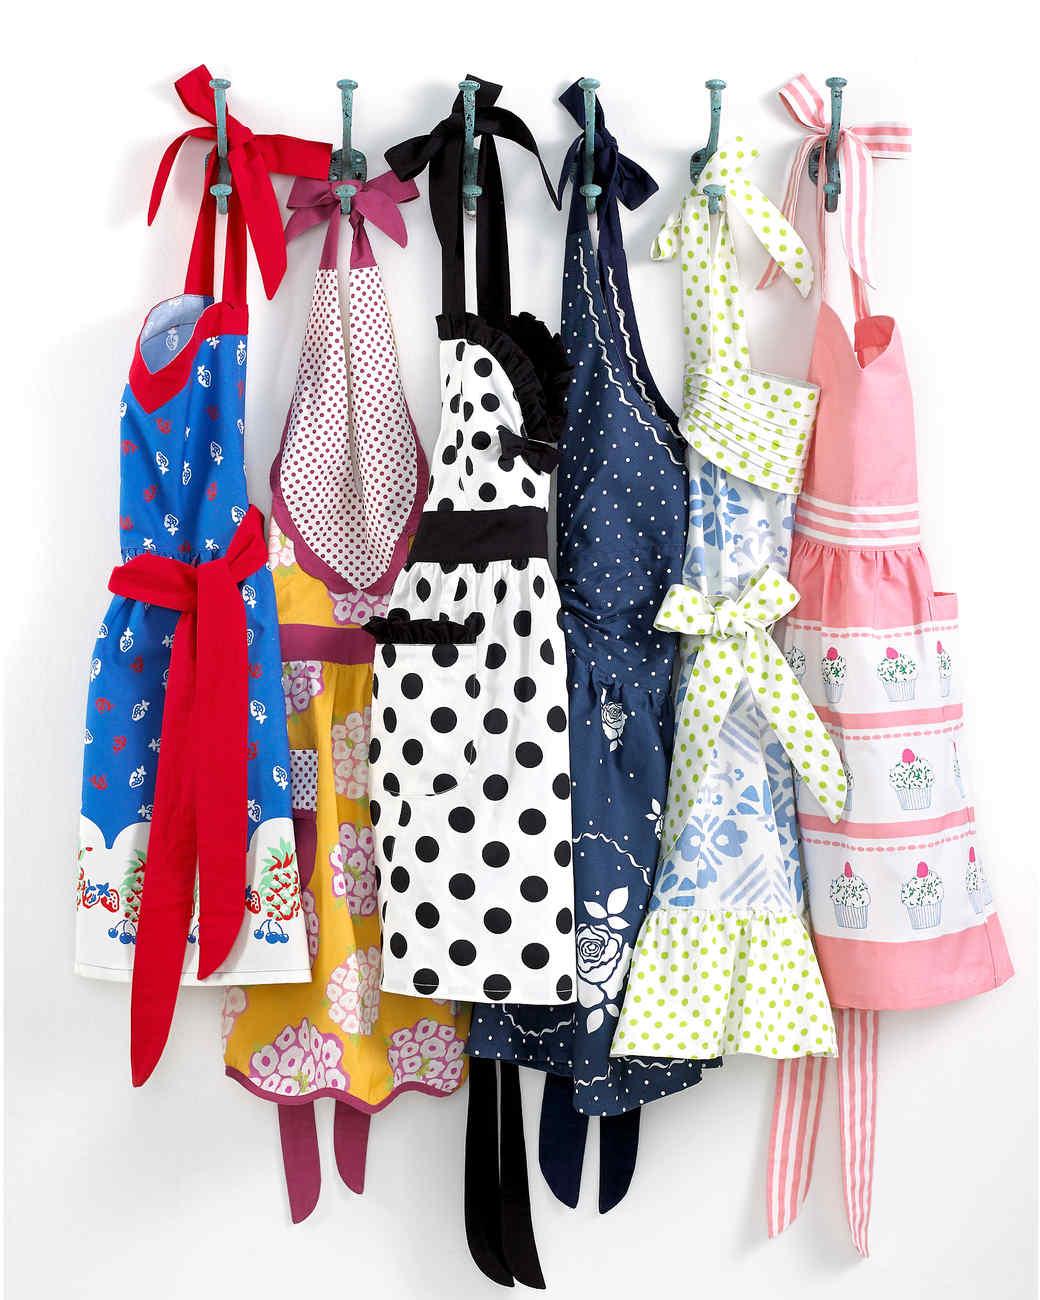 msmacys-fashionaprons-retail-0414.jpg